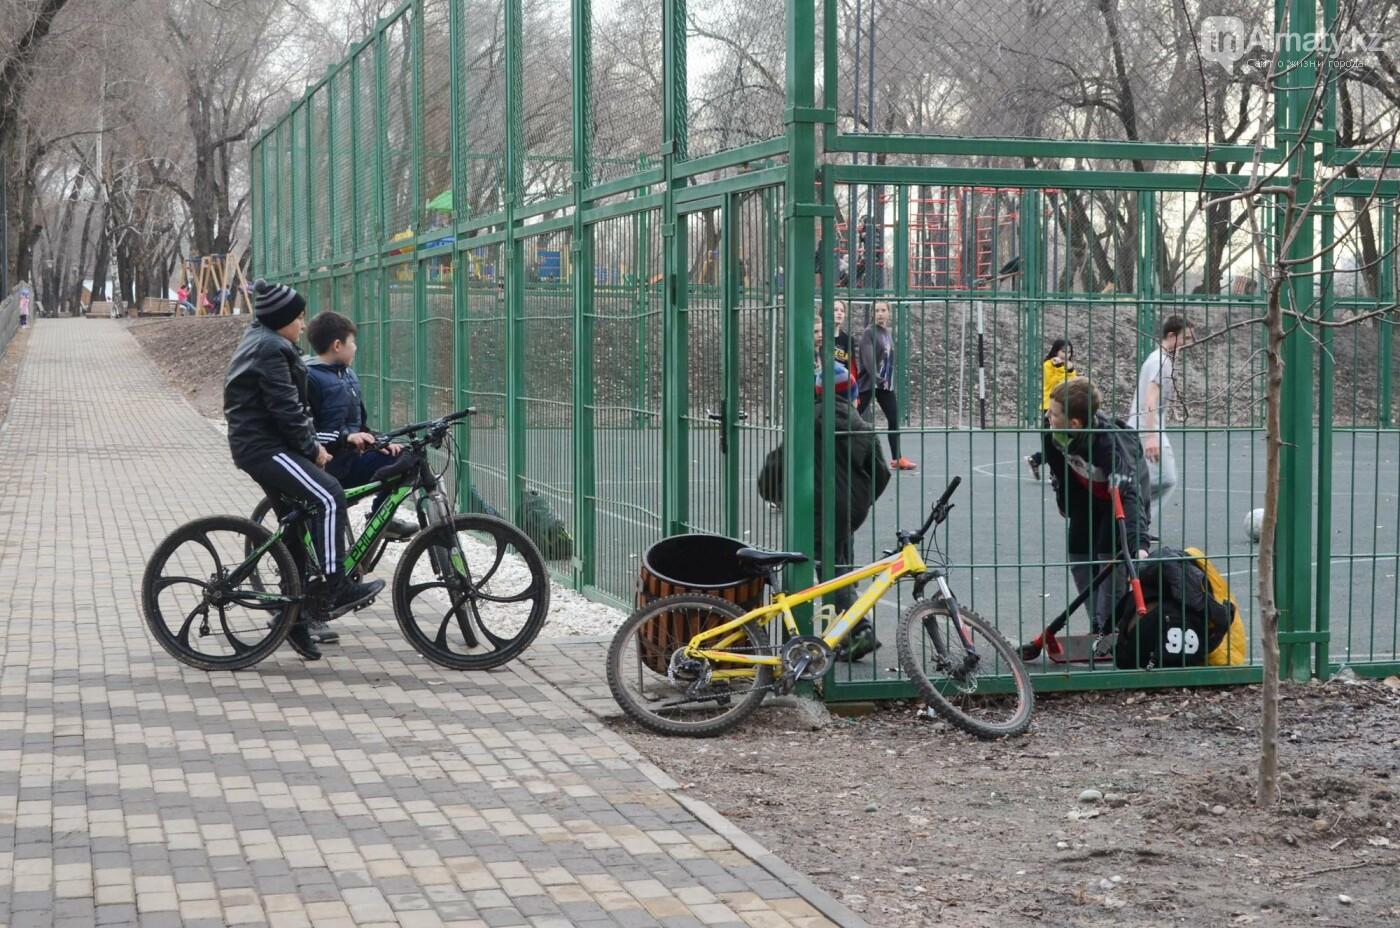 Как преобразился сквер «Шухова» в Медеуском районе Алматы после реконструкции, фото-13